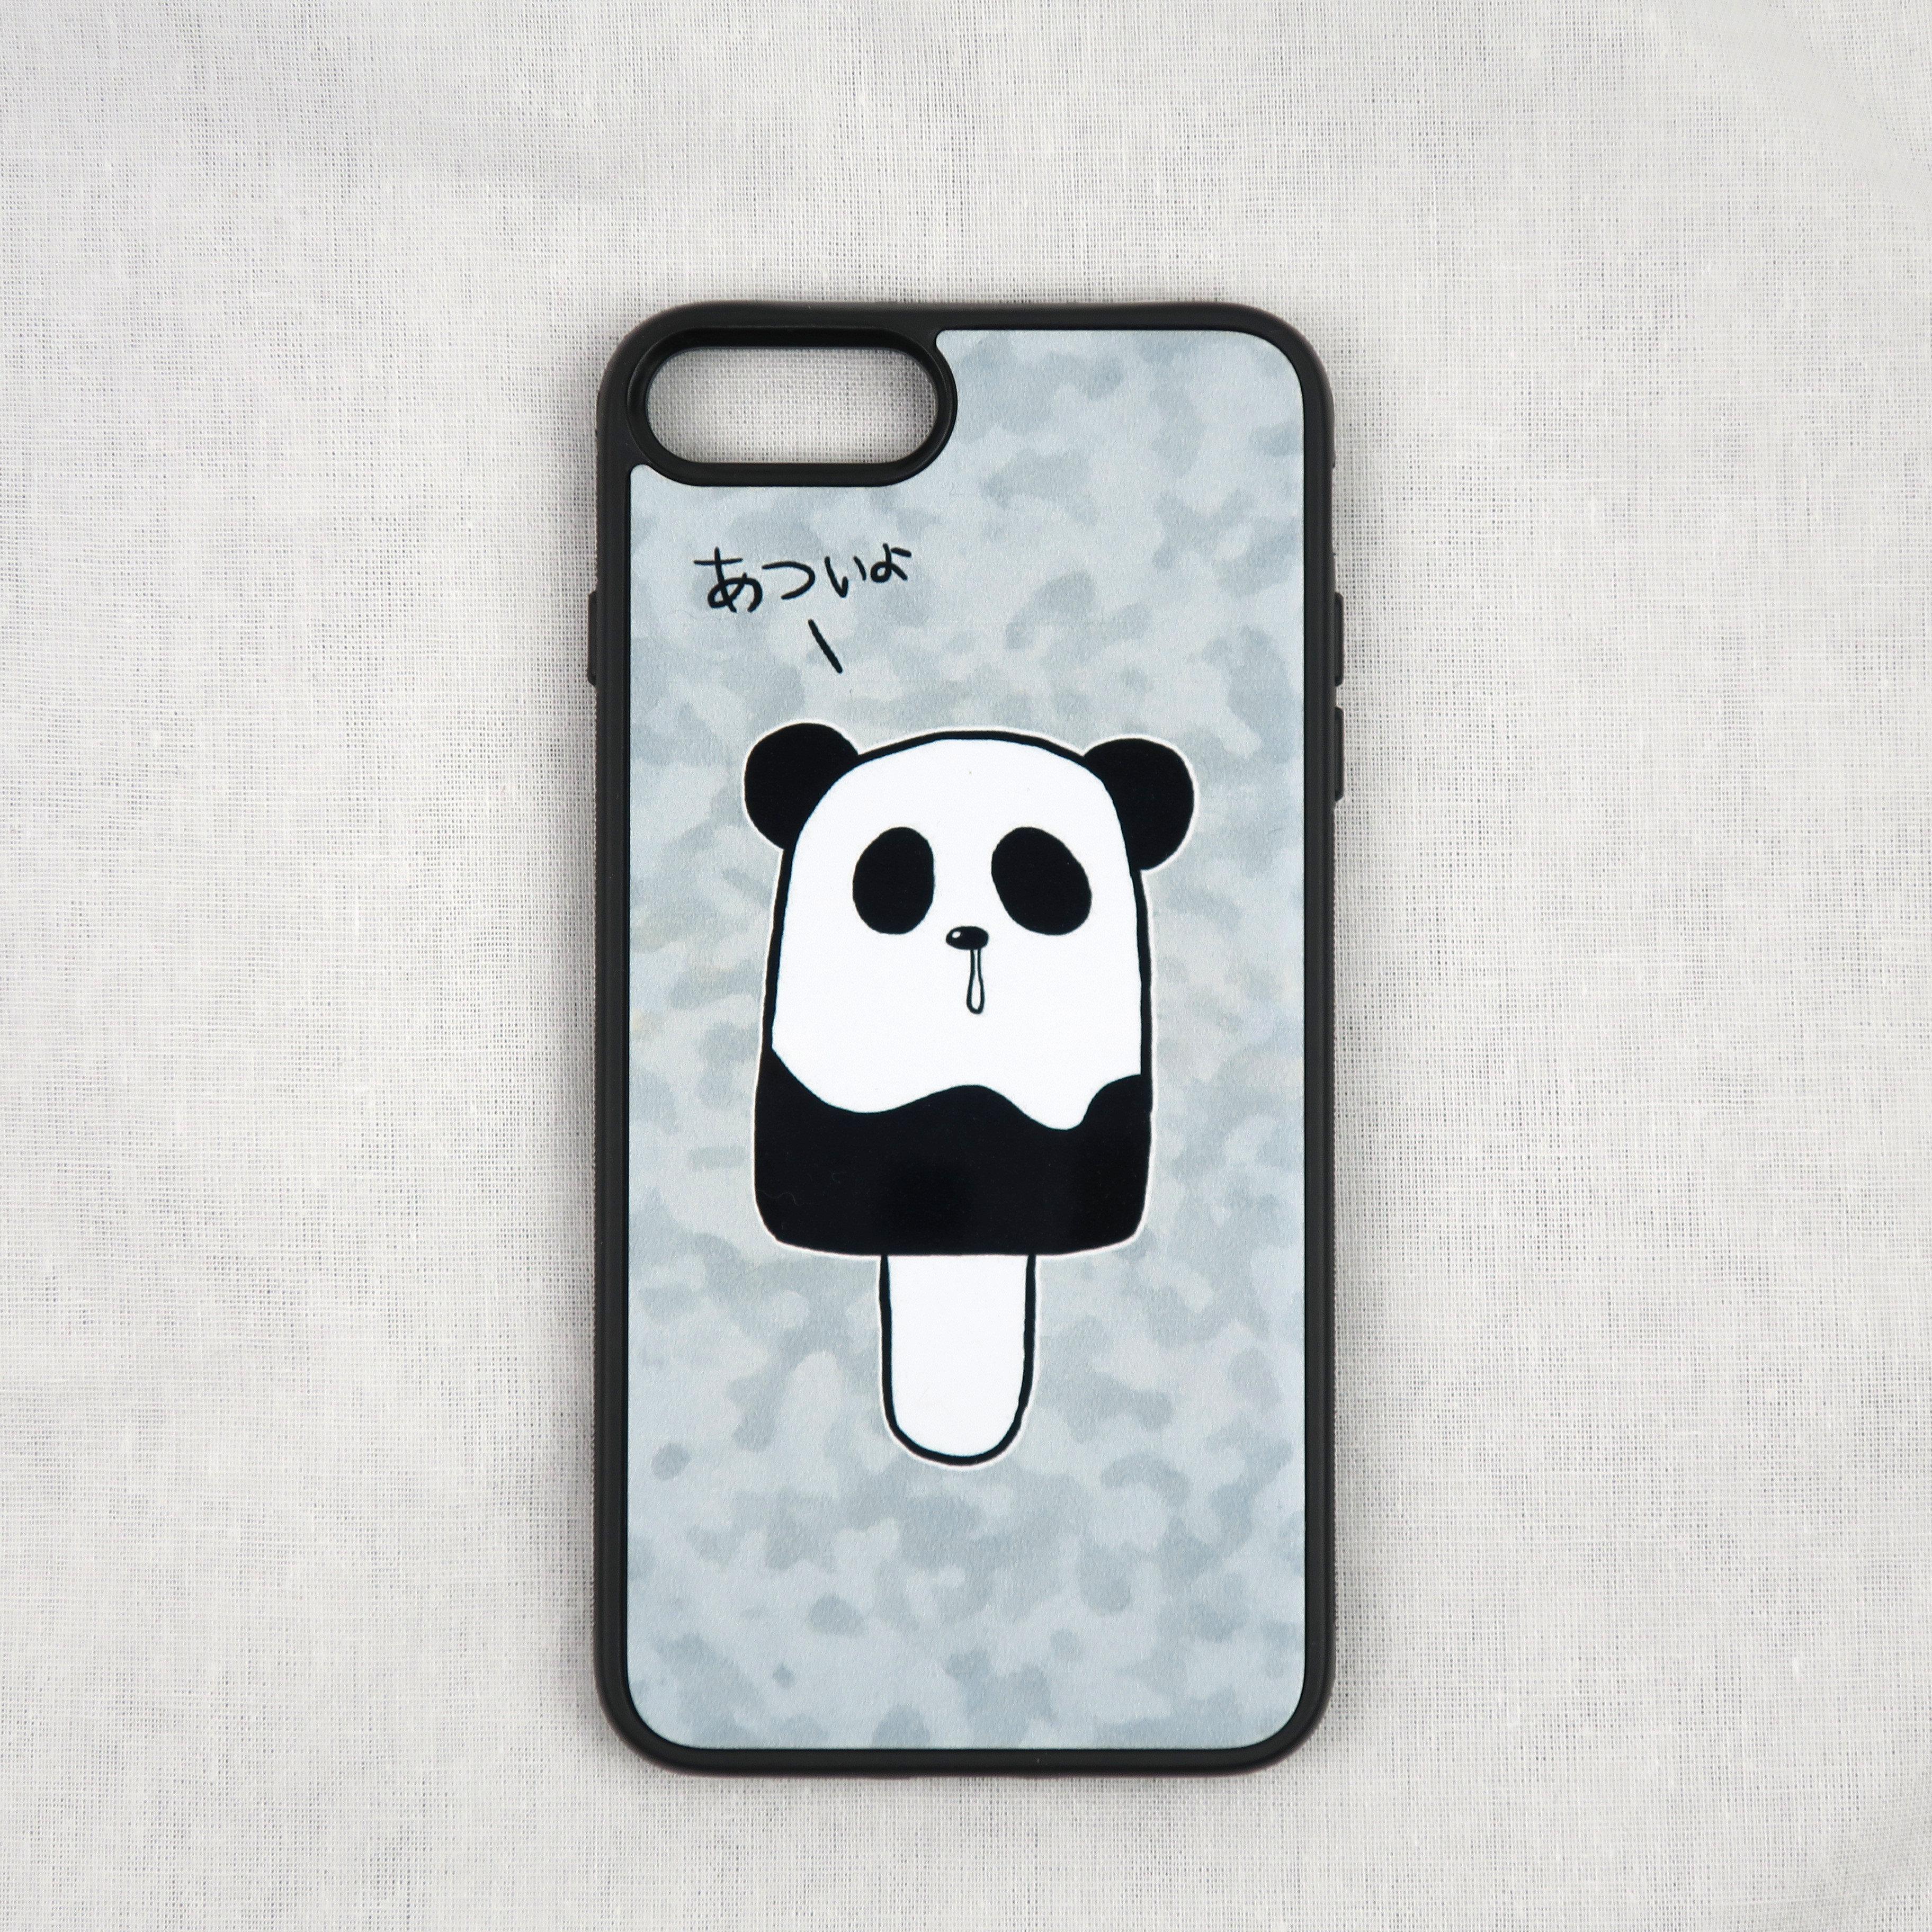 パンダがアイスキャンデーに変身!「あついよ」のセリフも可愛い「パンダポップ」のiPhoneケース